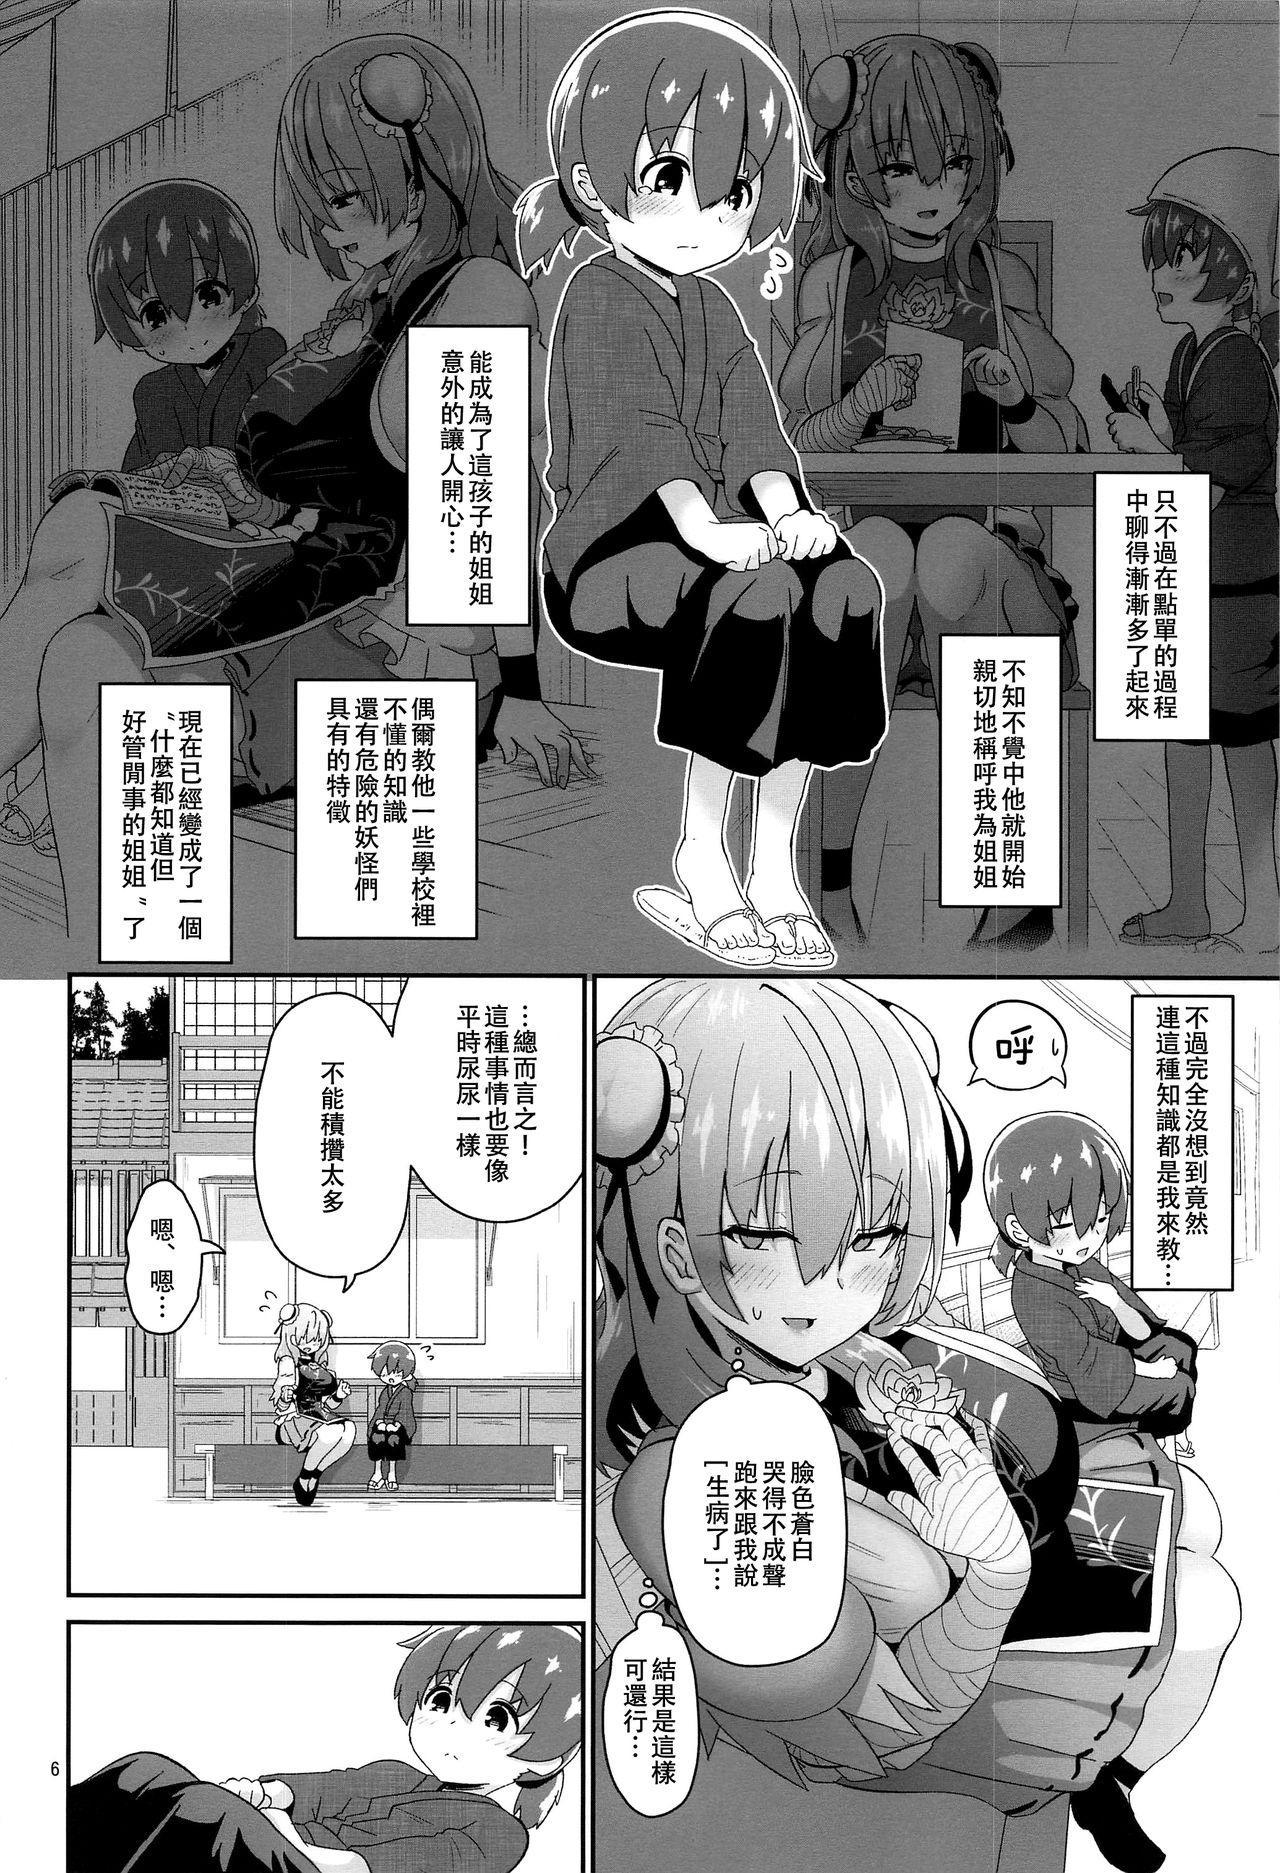 Otokonoko o Dame ni Suru Onee-san 7